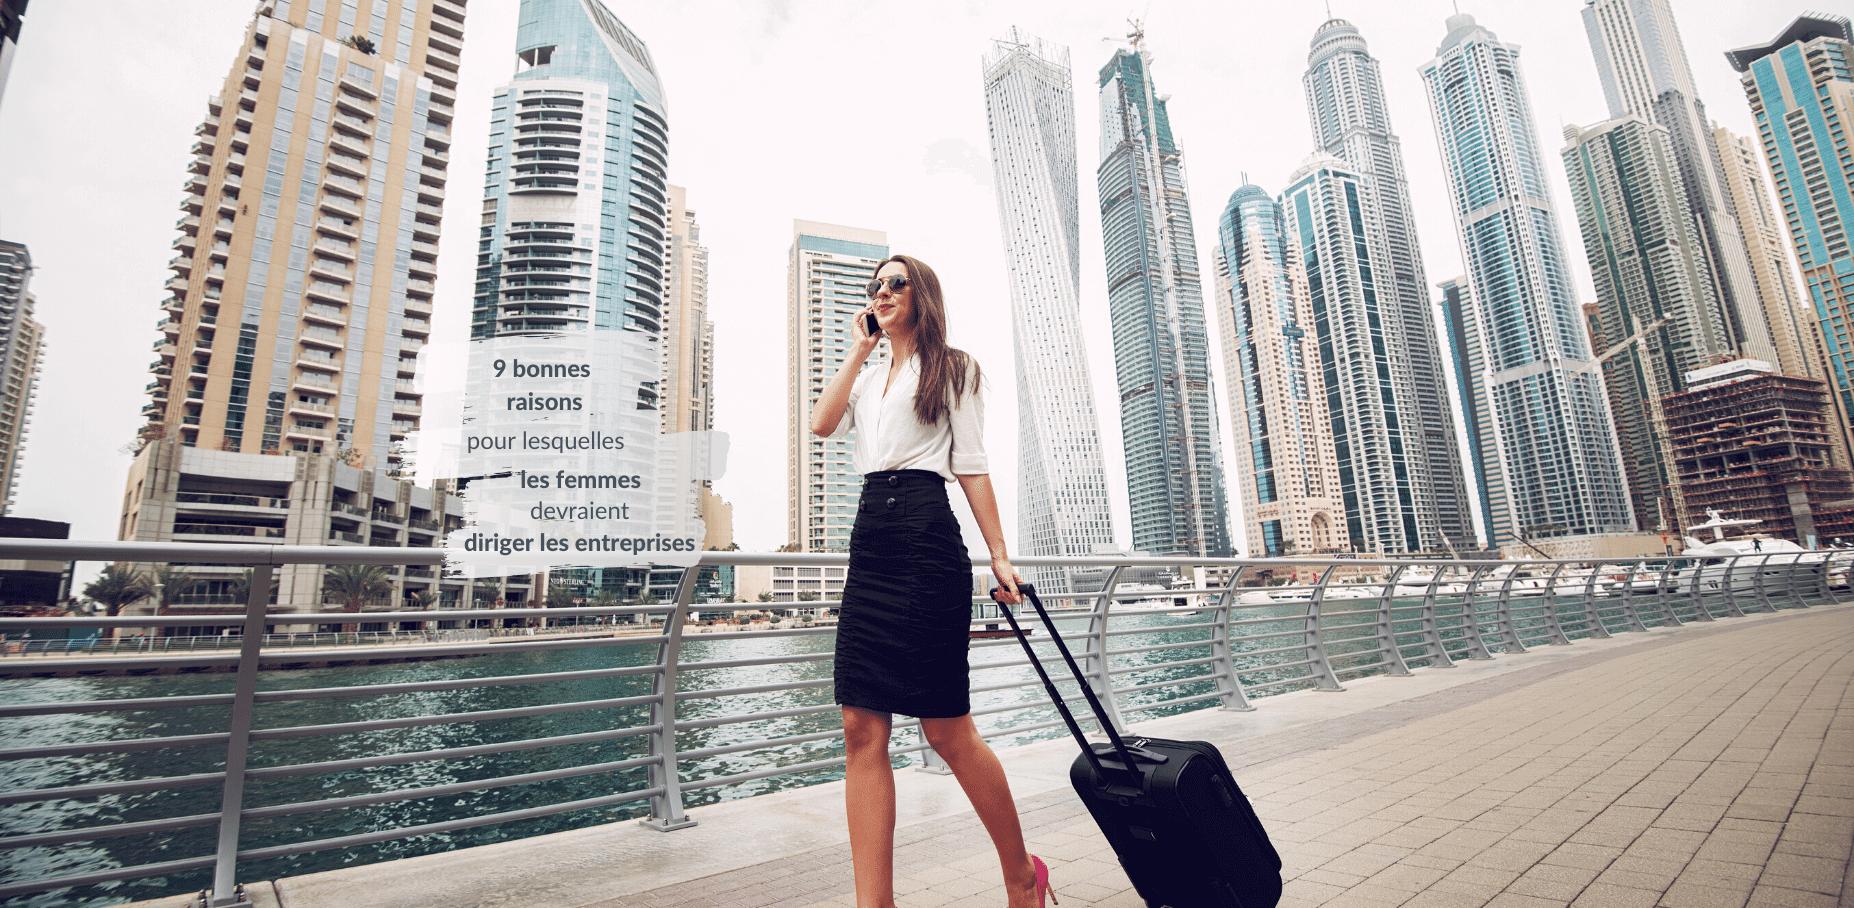 9 bonnes raisons pour lesquelles les femmes devraient diriger les entreprises